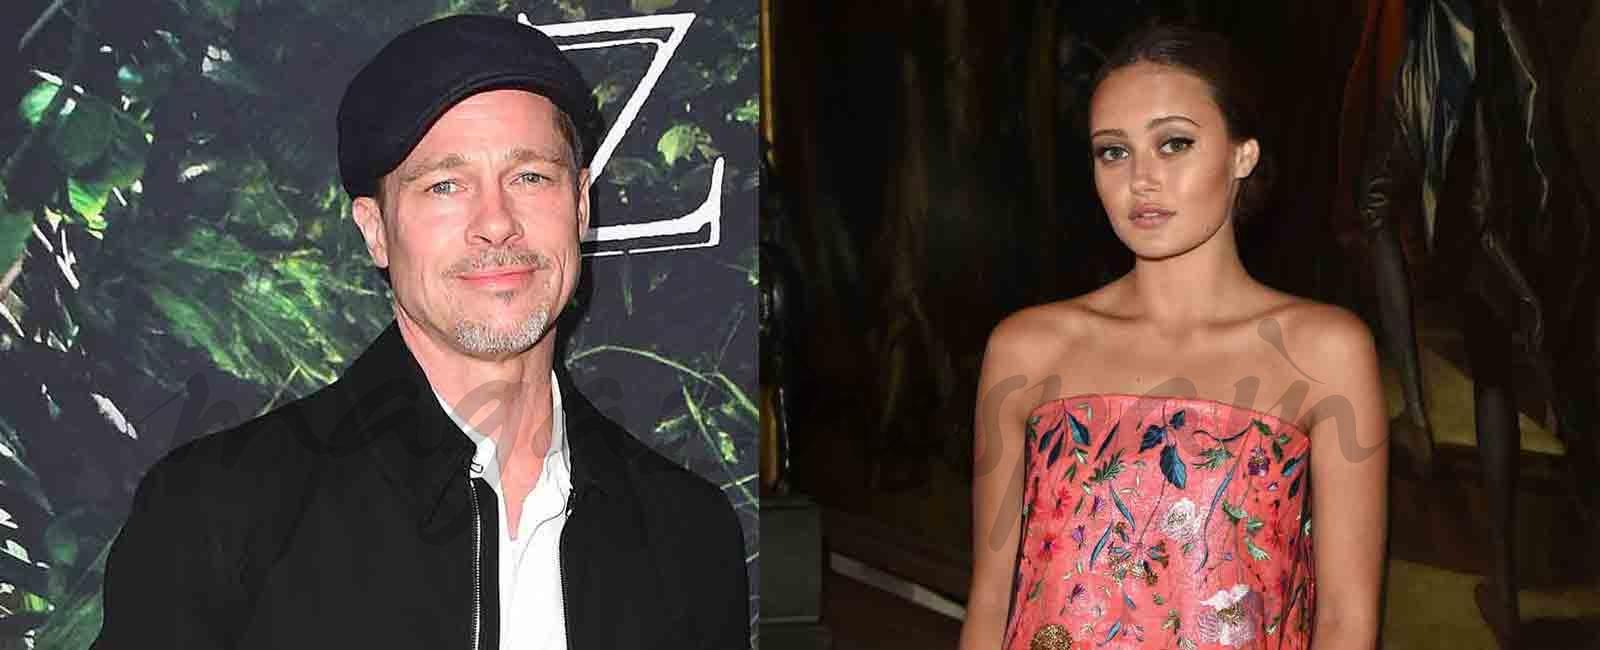 Brad Pitt (53) y Ella Purnell (21) ¿nueva pareja?